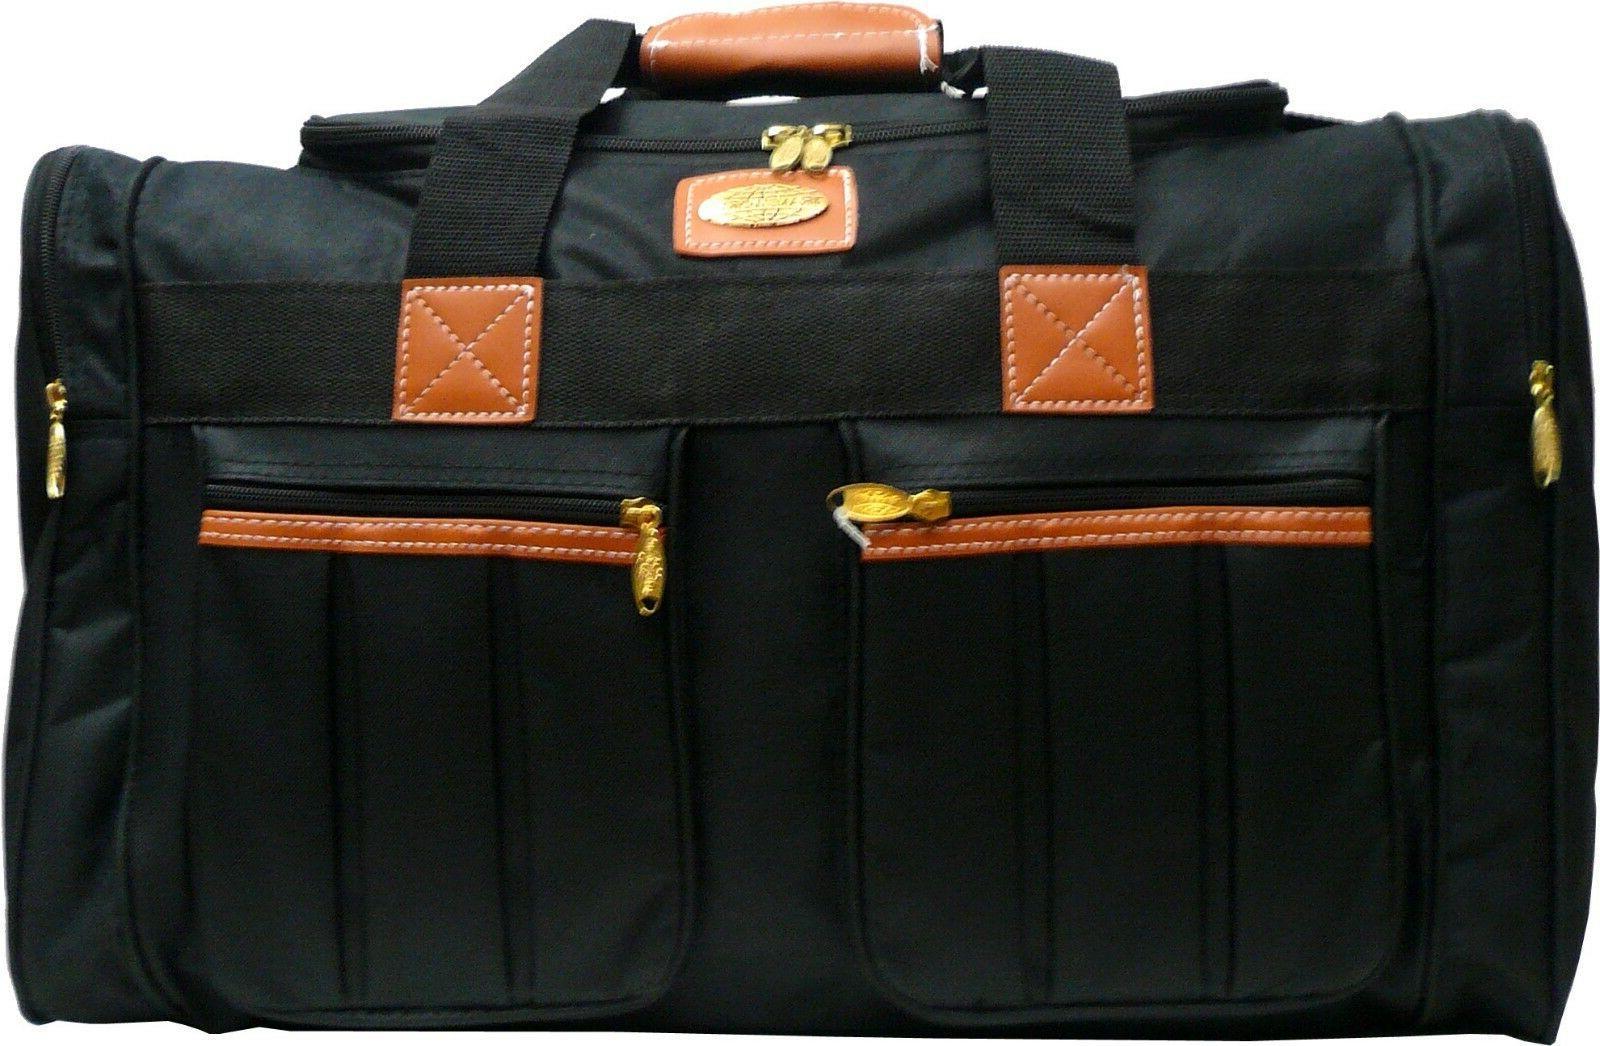 20 23 polyester duffel bag gym luggage